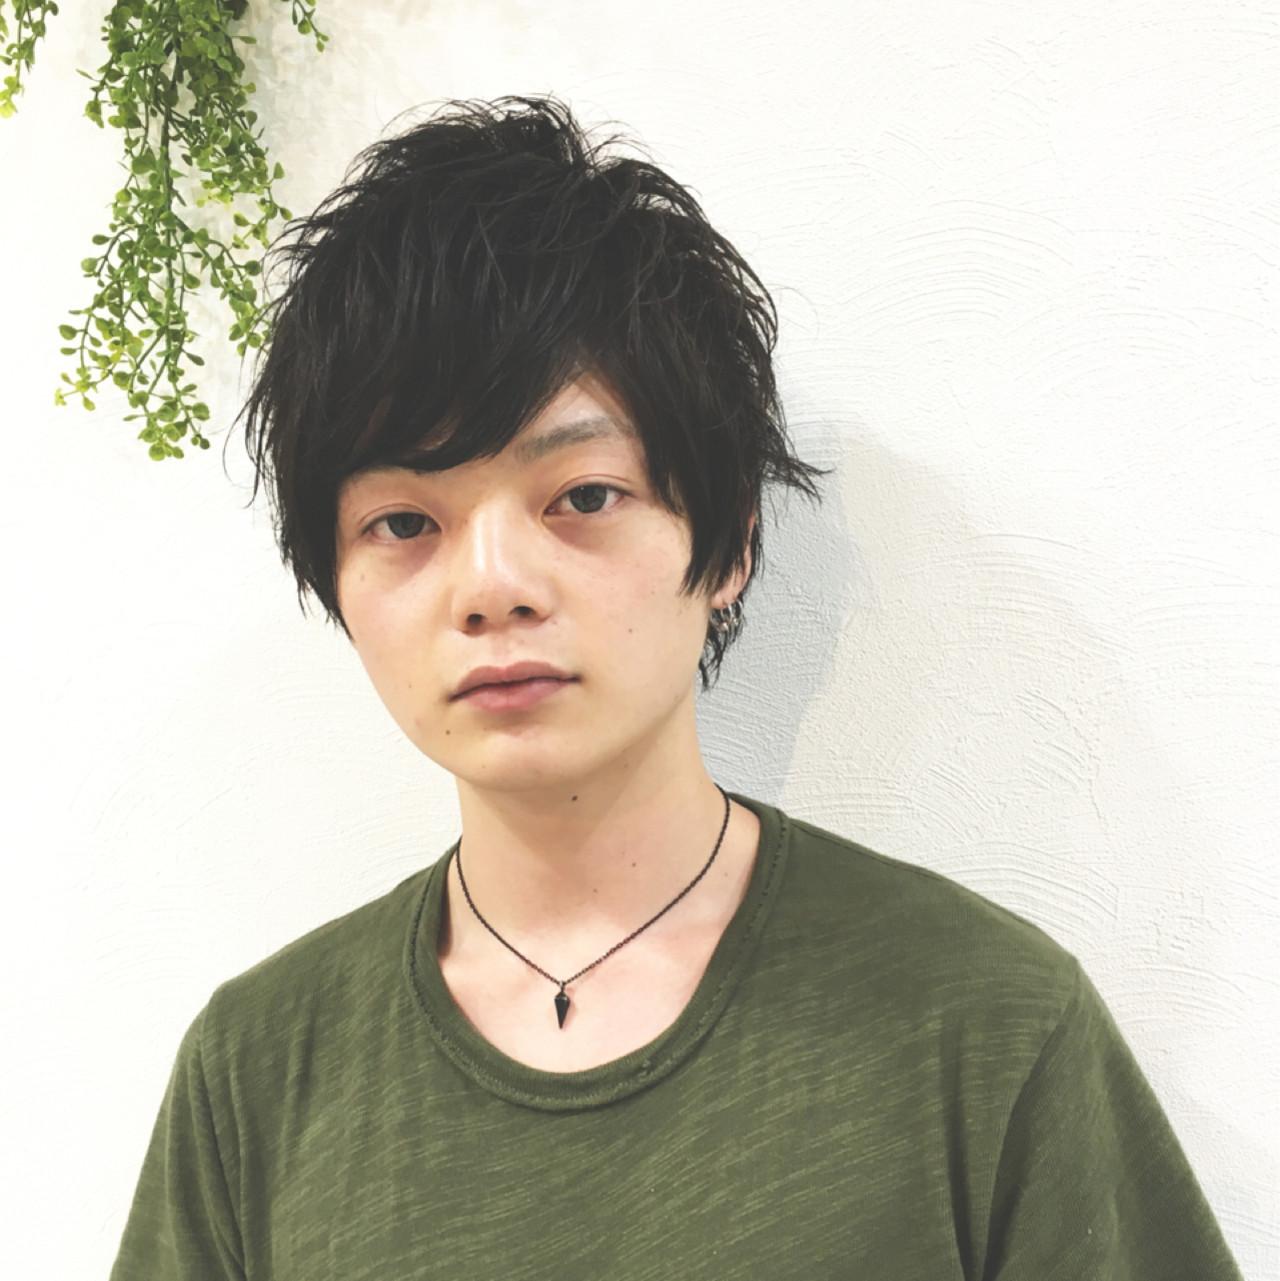 パーマ アッシュ 暗髪 ショート ヘアスタイルや髪型の写真・画像 | SAKURA 村上 ゆうすけ / Lifesalon SAKURA